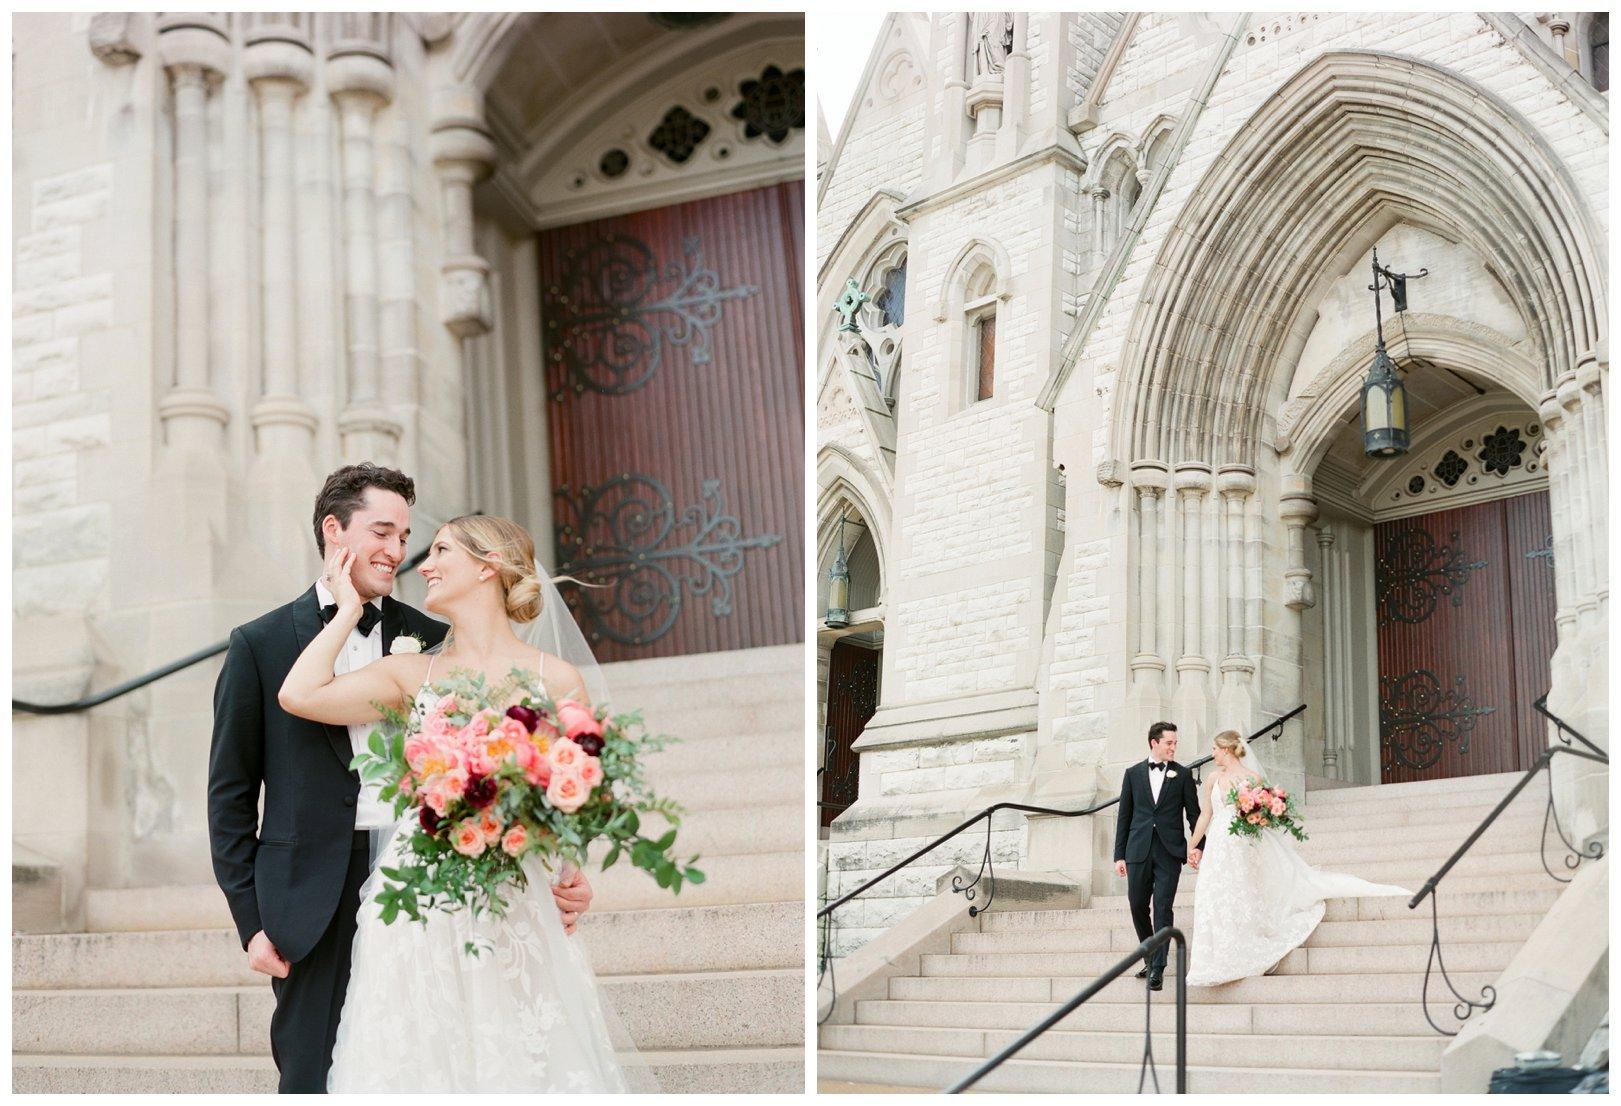 lauren muckler photography_fine art film wedding photography_st louis_photography_3197.jpg